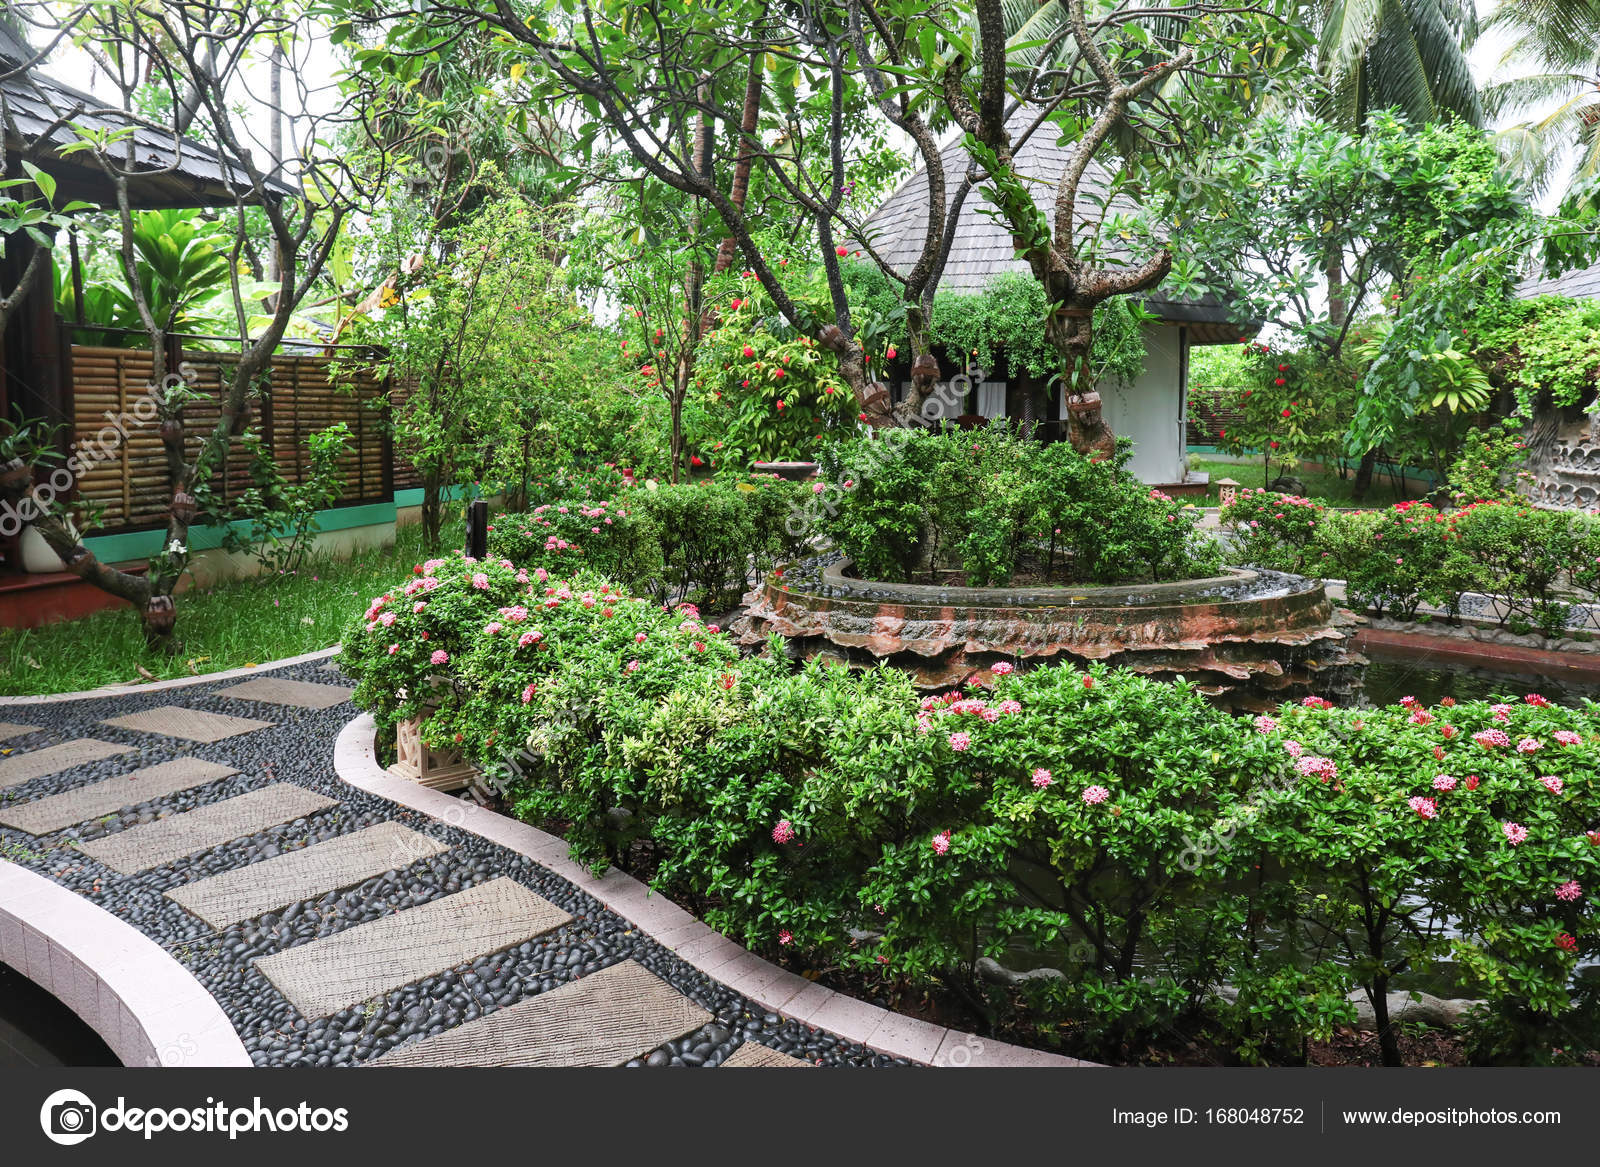 Schöner Garten Im Tropischen Resort U2014 Stockfoto